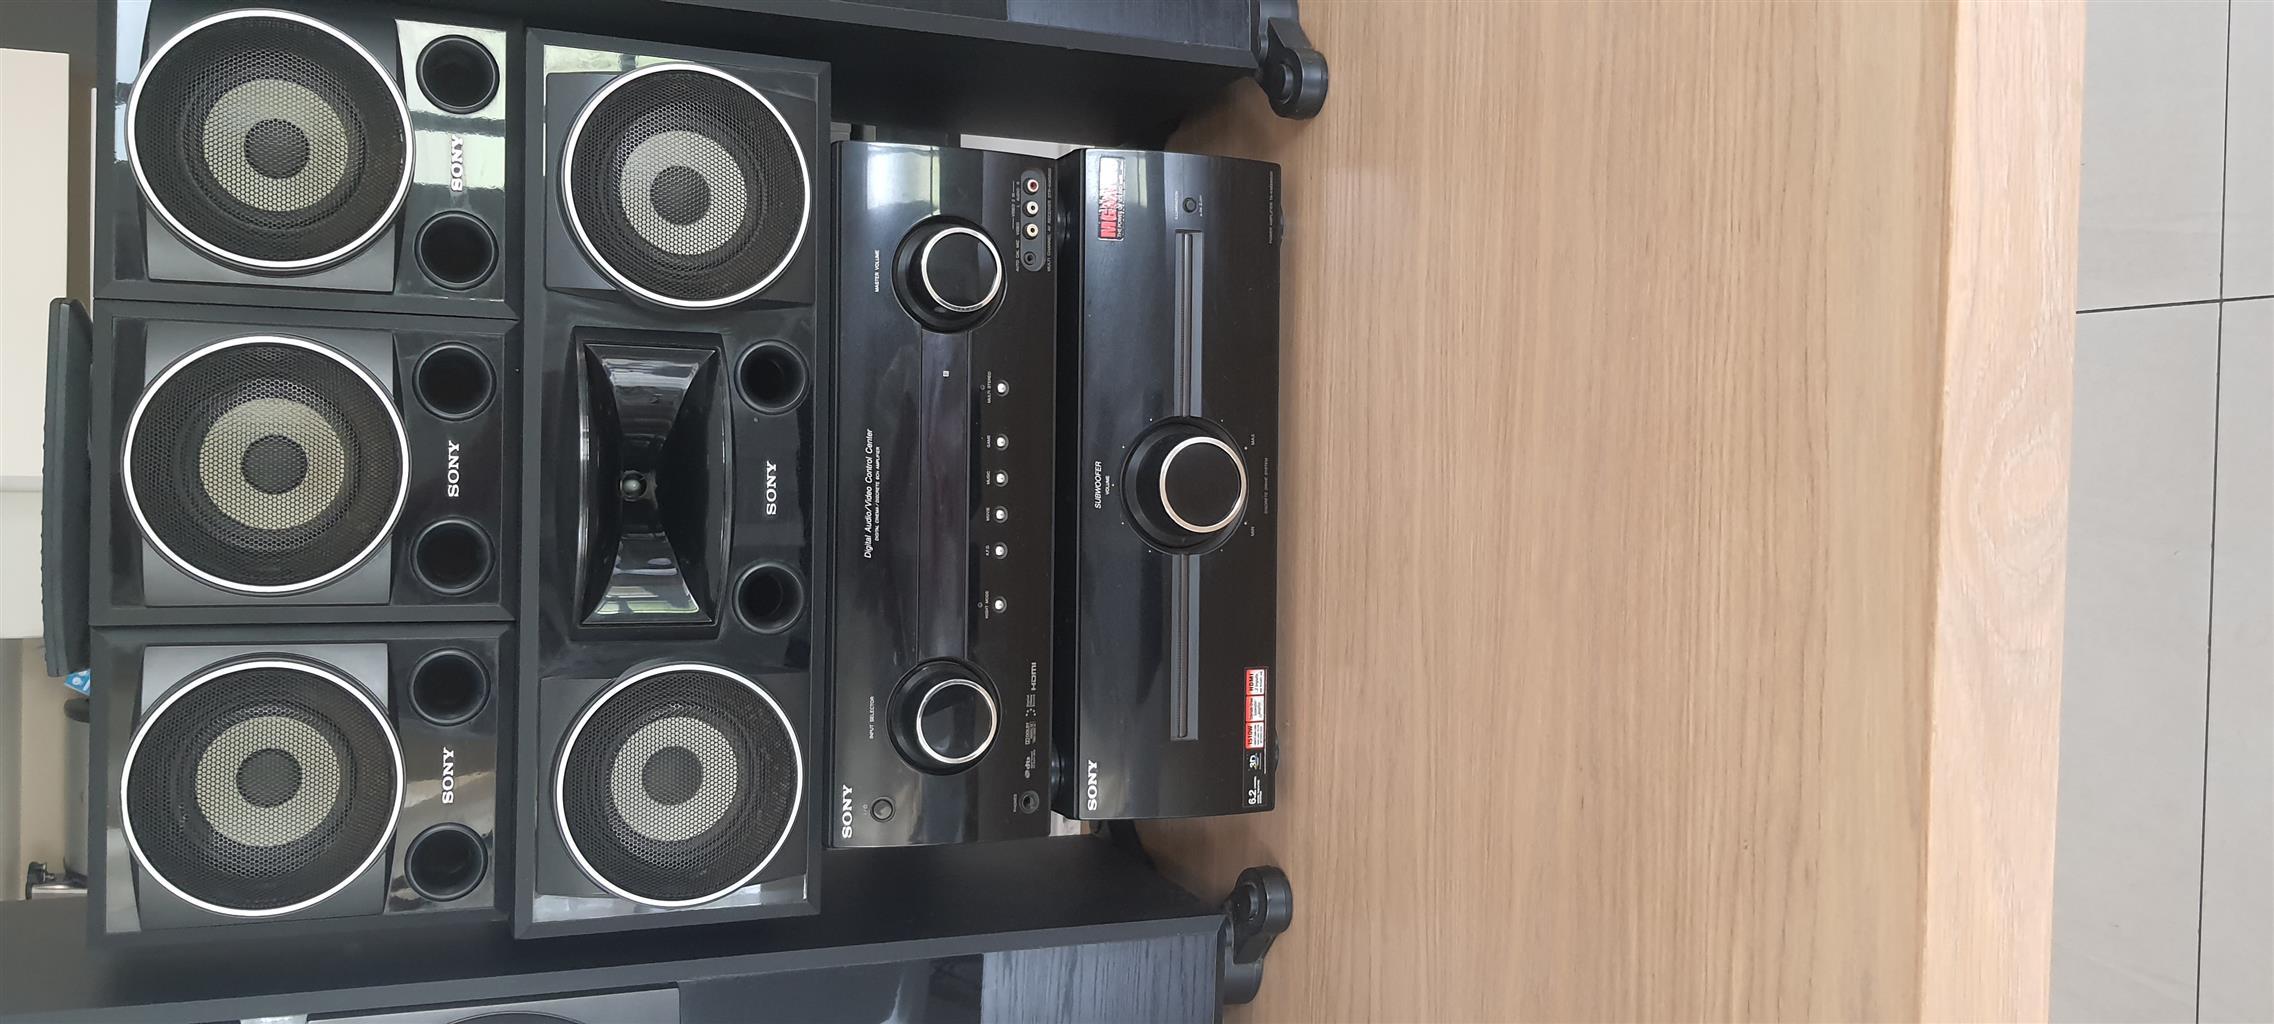 Sony Mogongo 6.2 Sound System